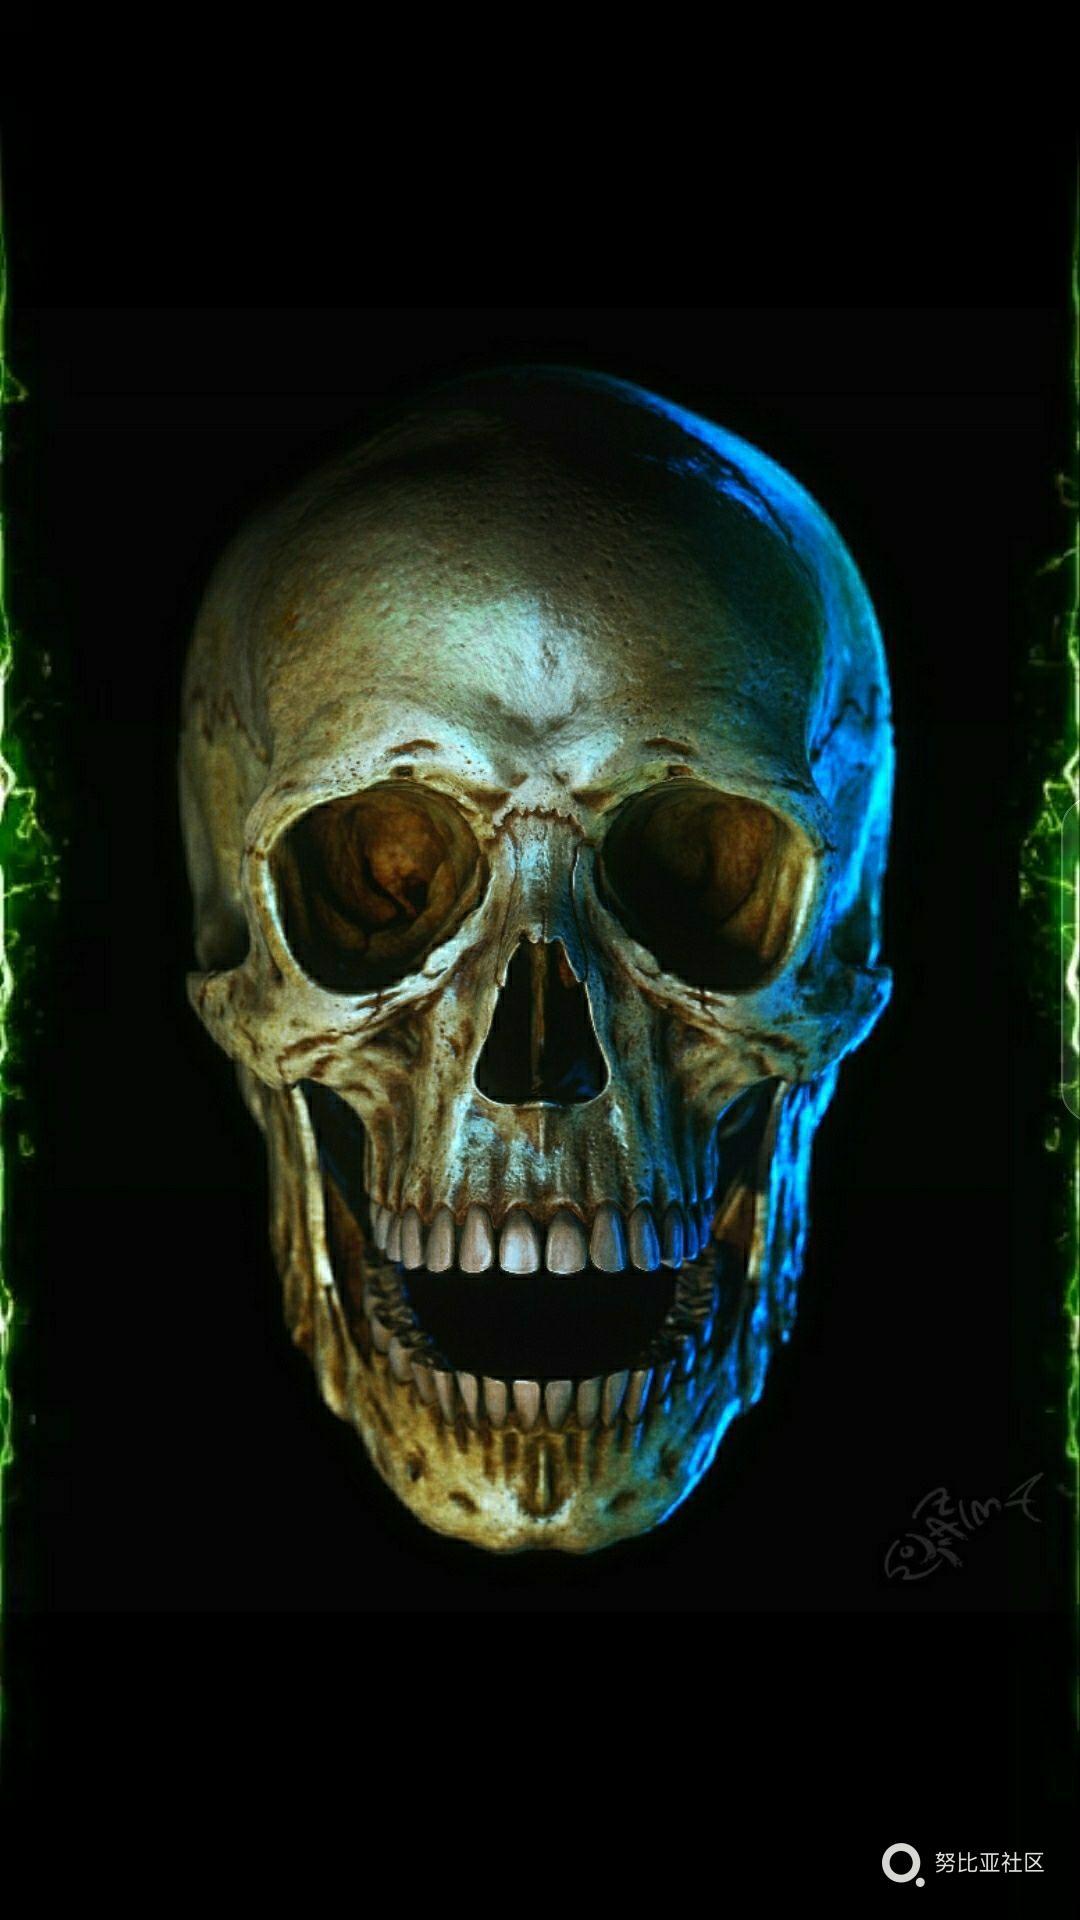 边缘发光壁纸,骷髅头-无边框z17-牛仔俱乐部-努比亚